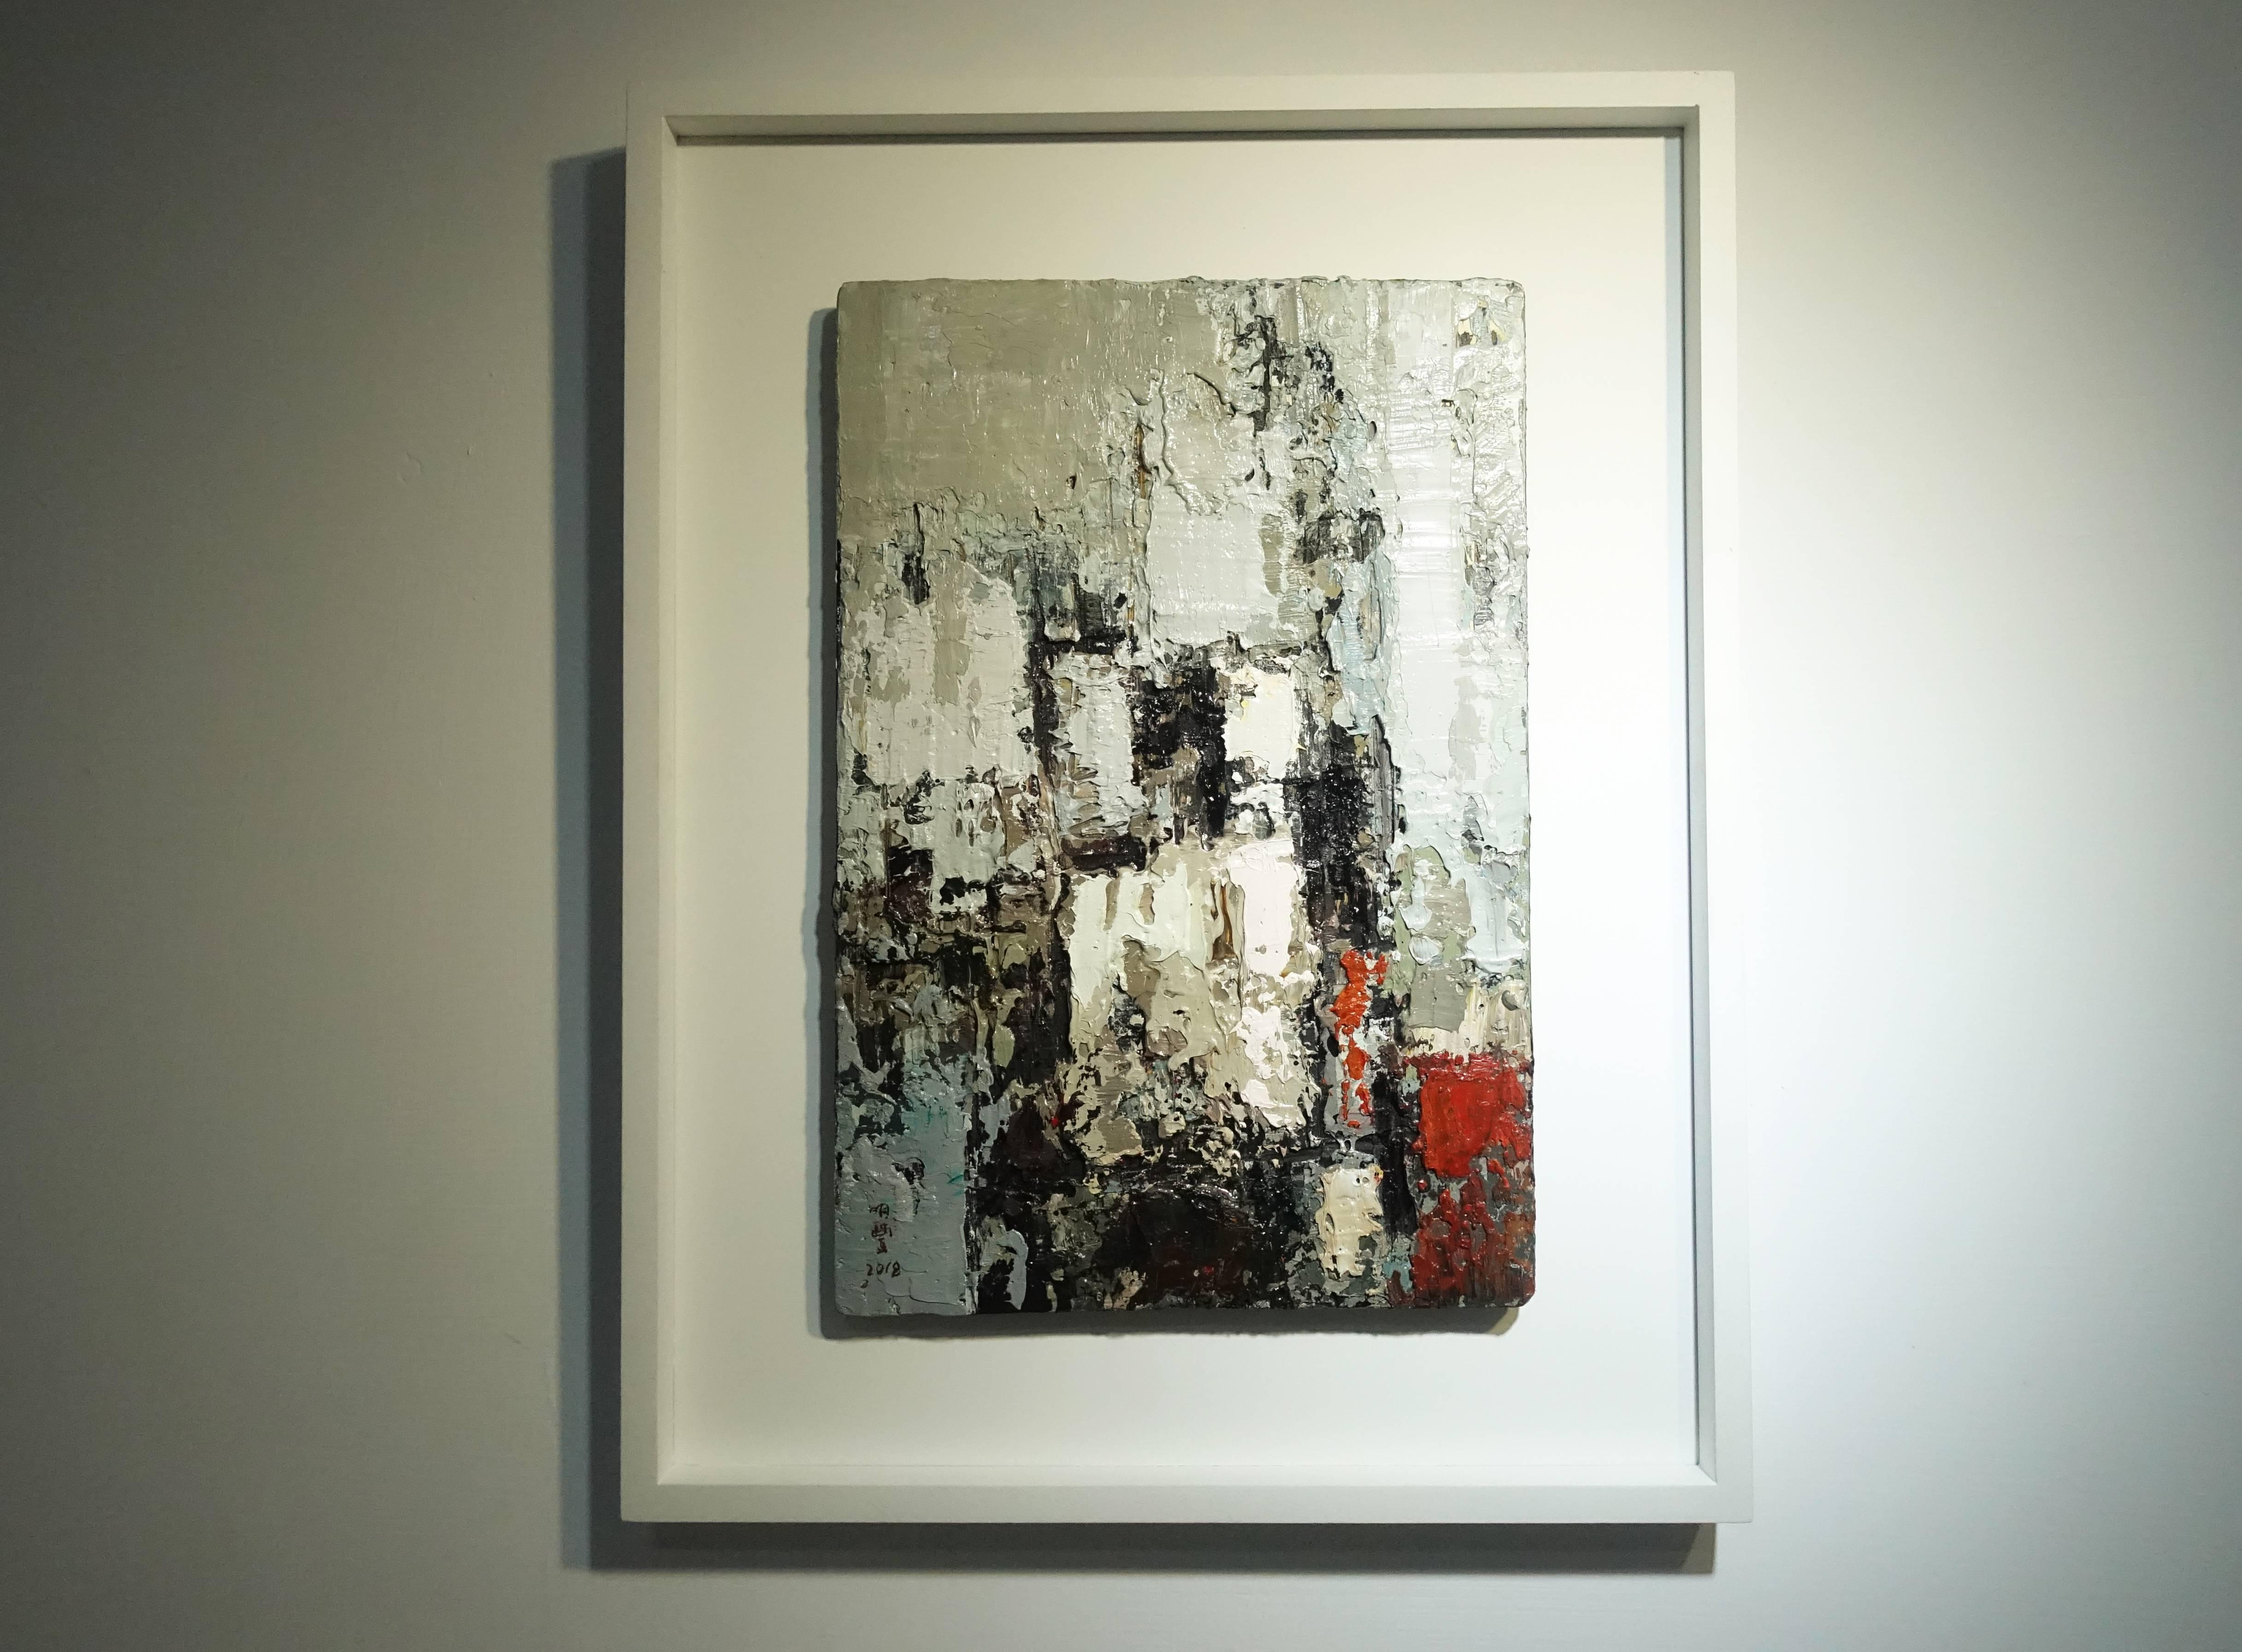 徐明豐,《城市即景之三》,35 x 24 cm,複合媒材木板,2018。